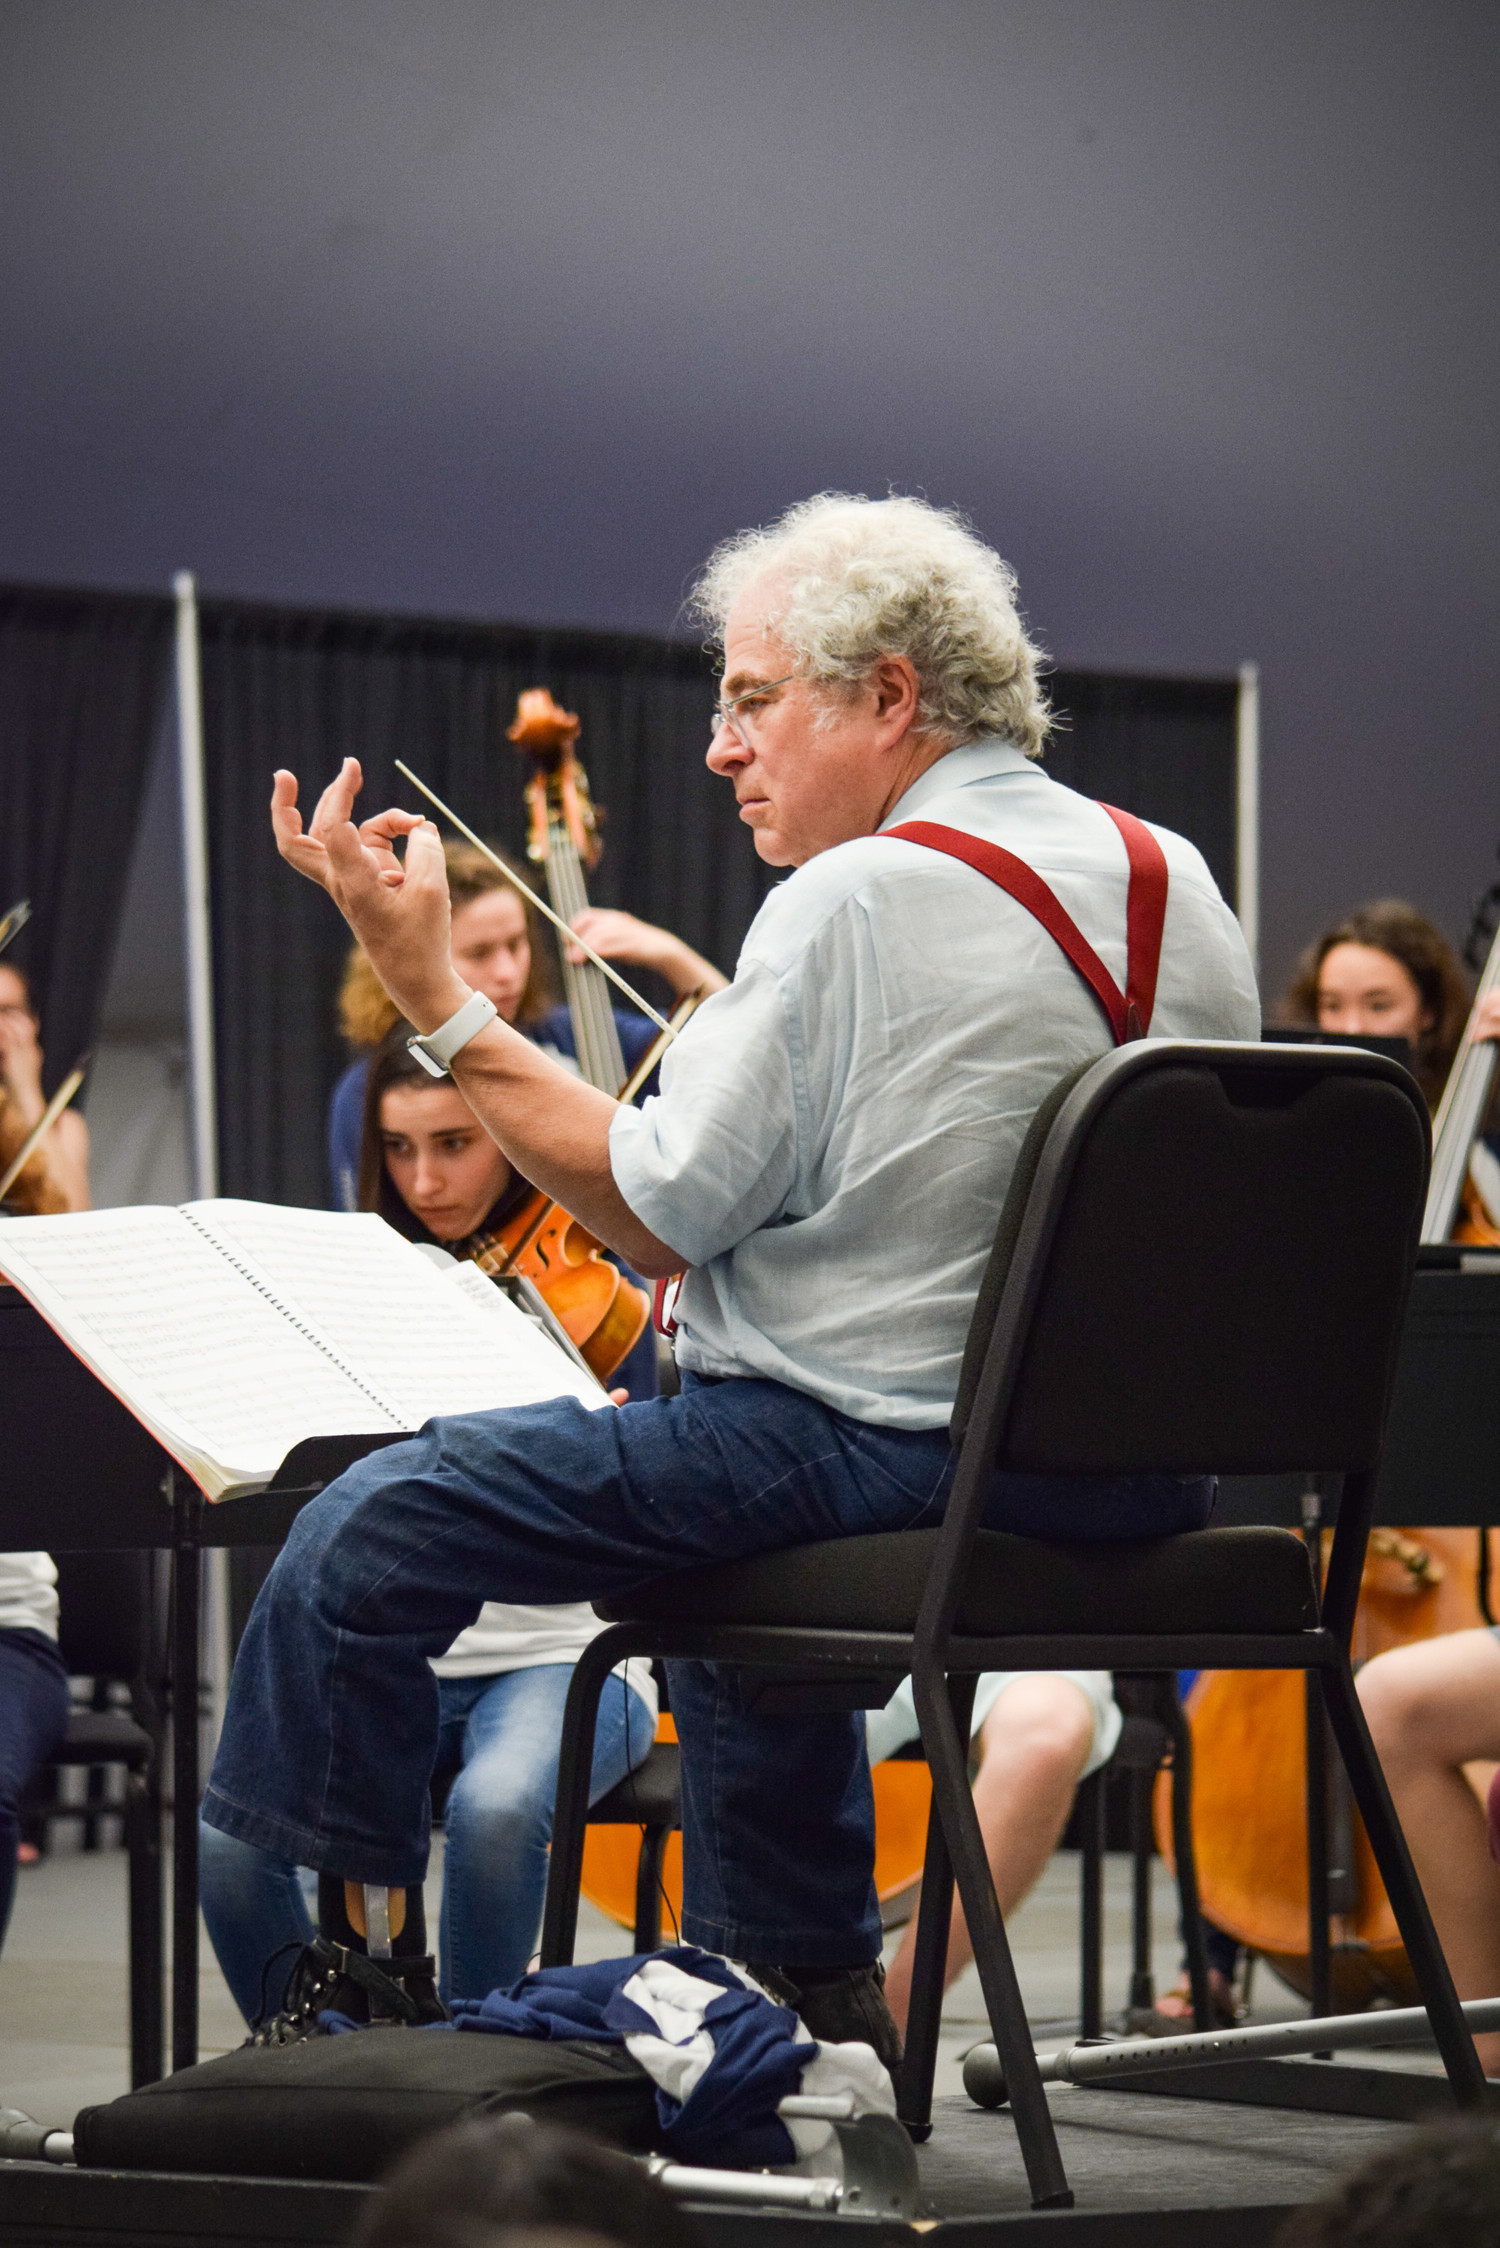 BWW Review: ITZHAK PERLMAN at Van Wezel Performing Arts Hall